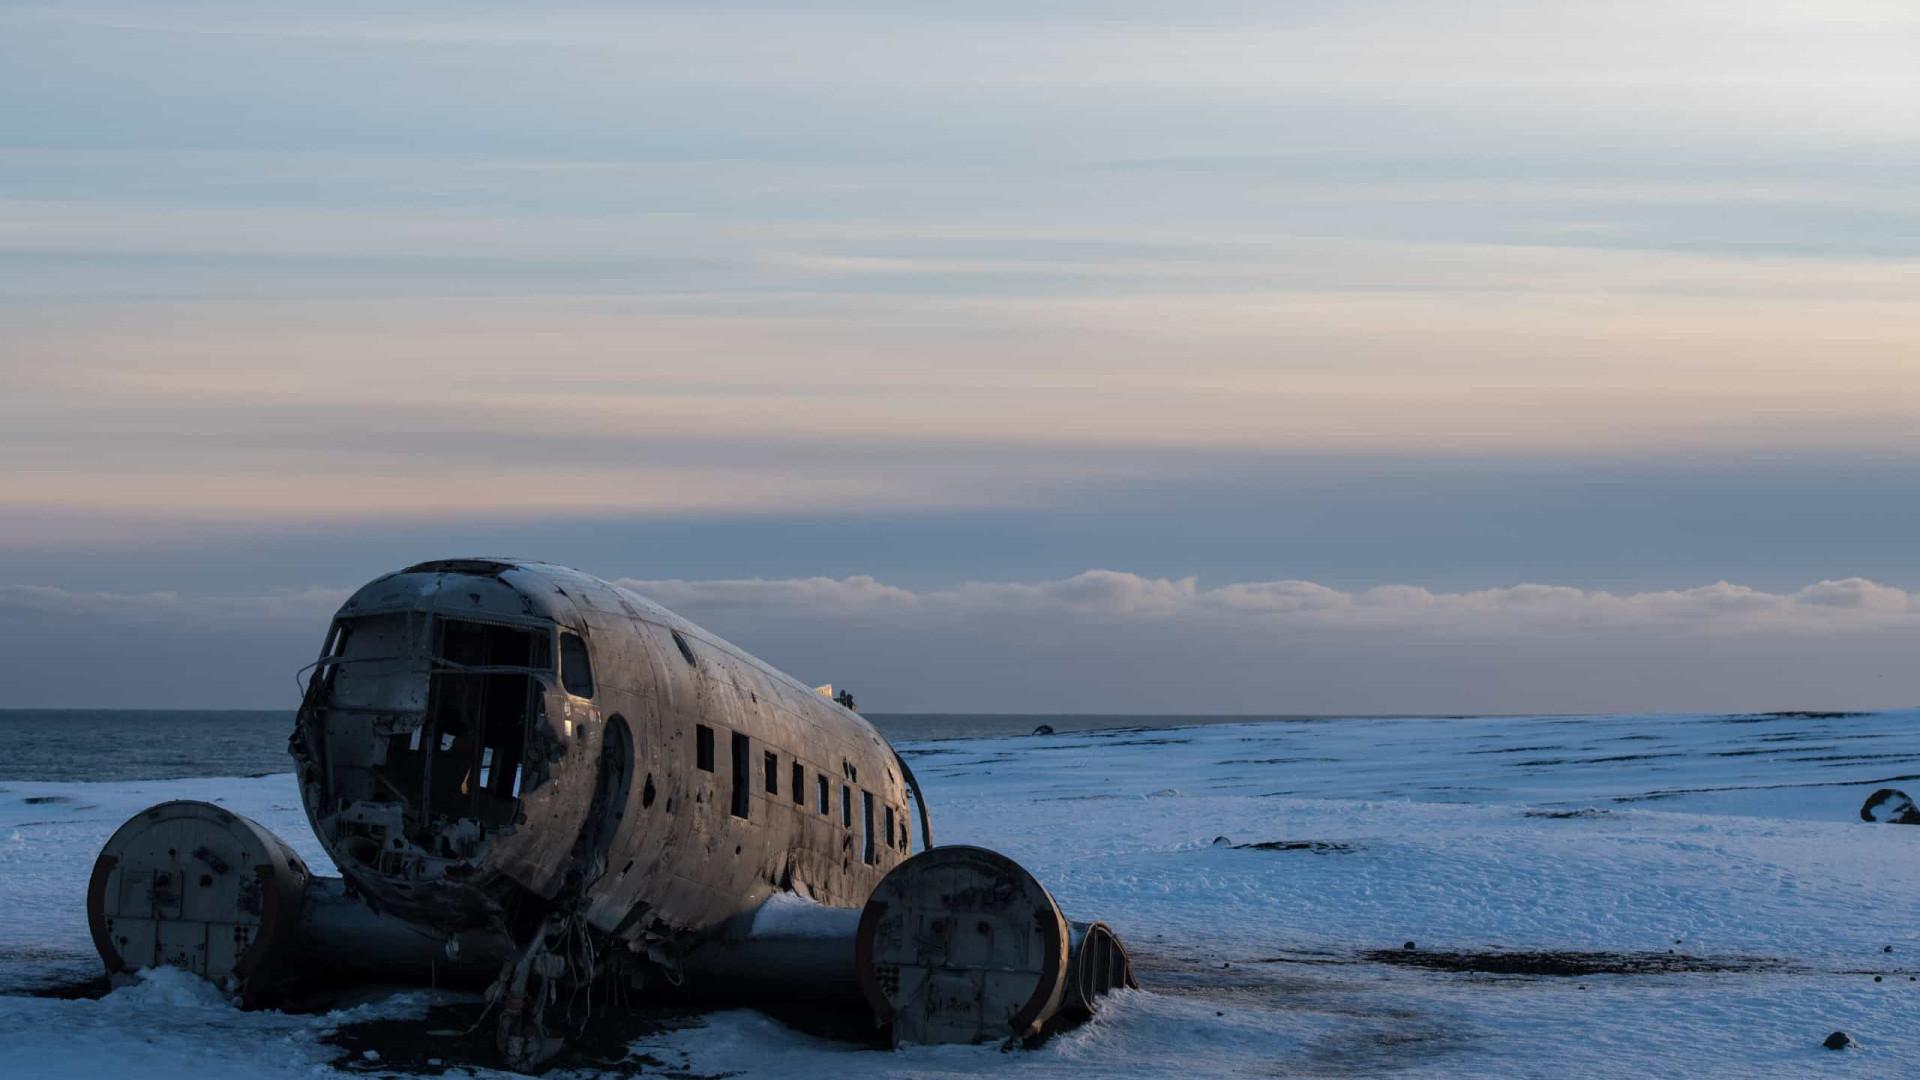 Turistas encontrados mortos no local onde avião caiu em 1973